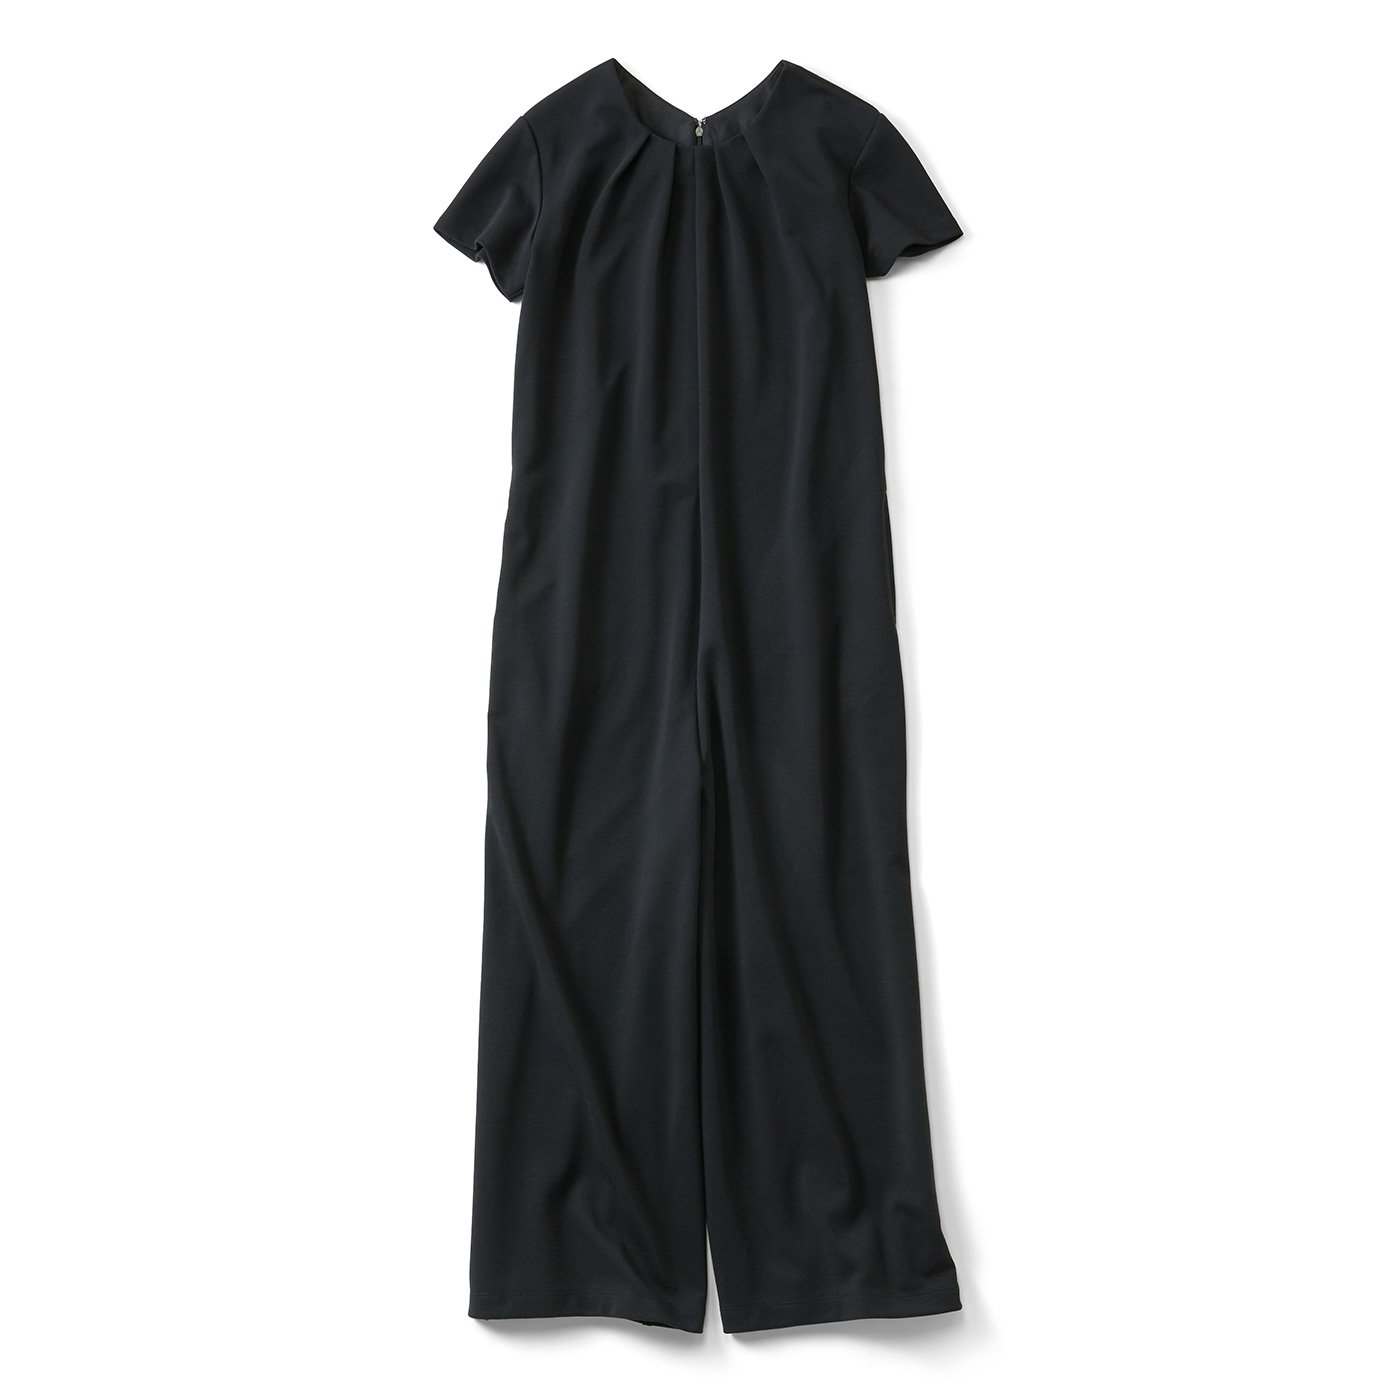 IEDIT[イディット] 大人にうれしい ワンピース感覚で着られる カットソーオールインワン〈ブラック〉